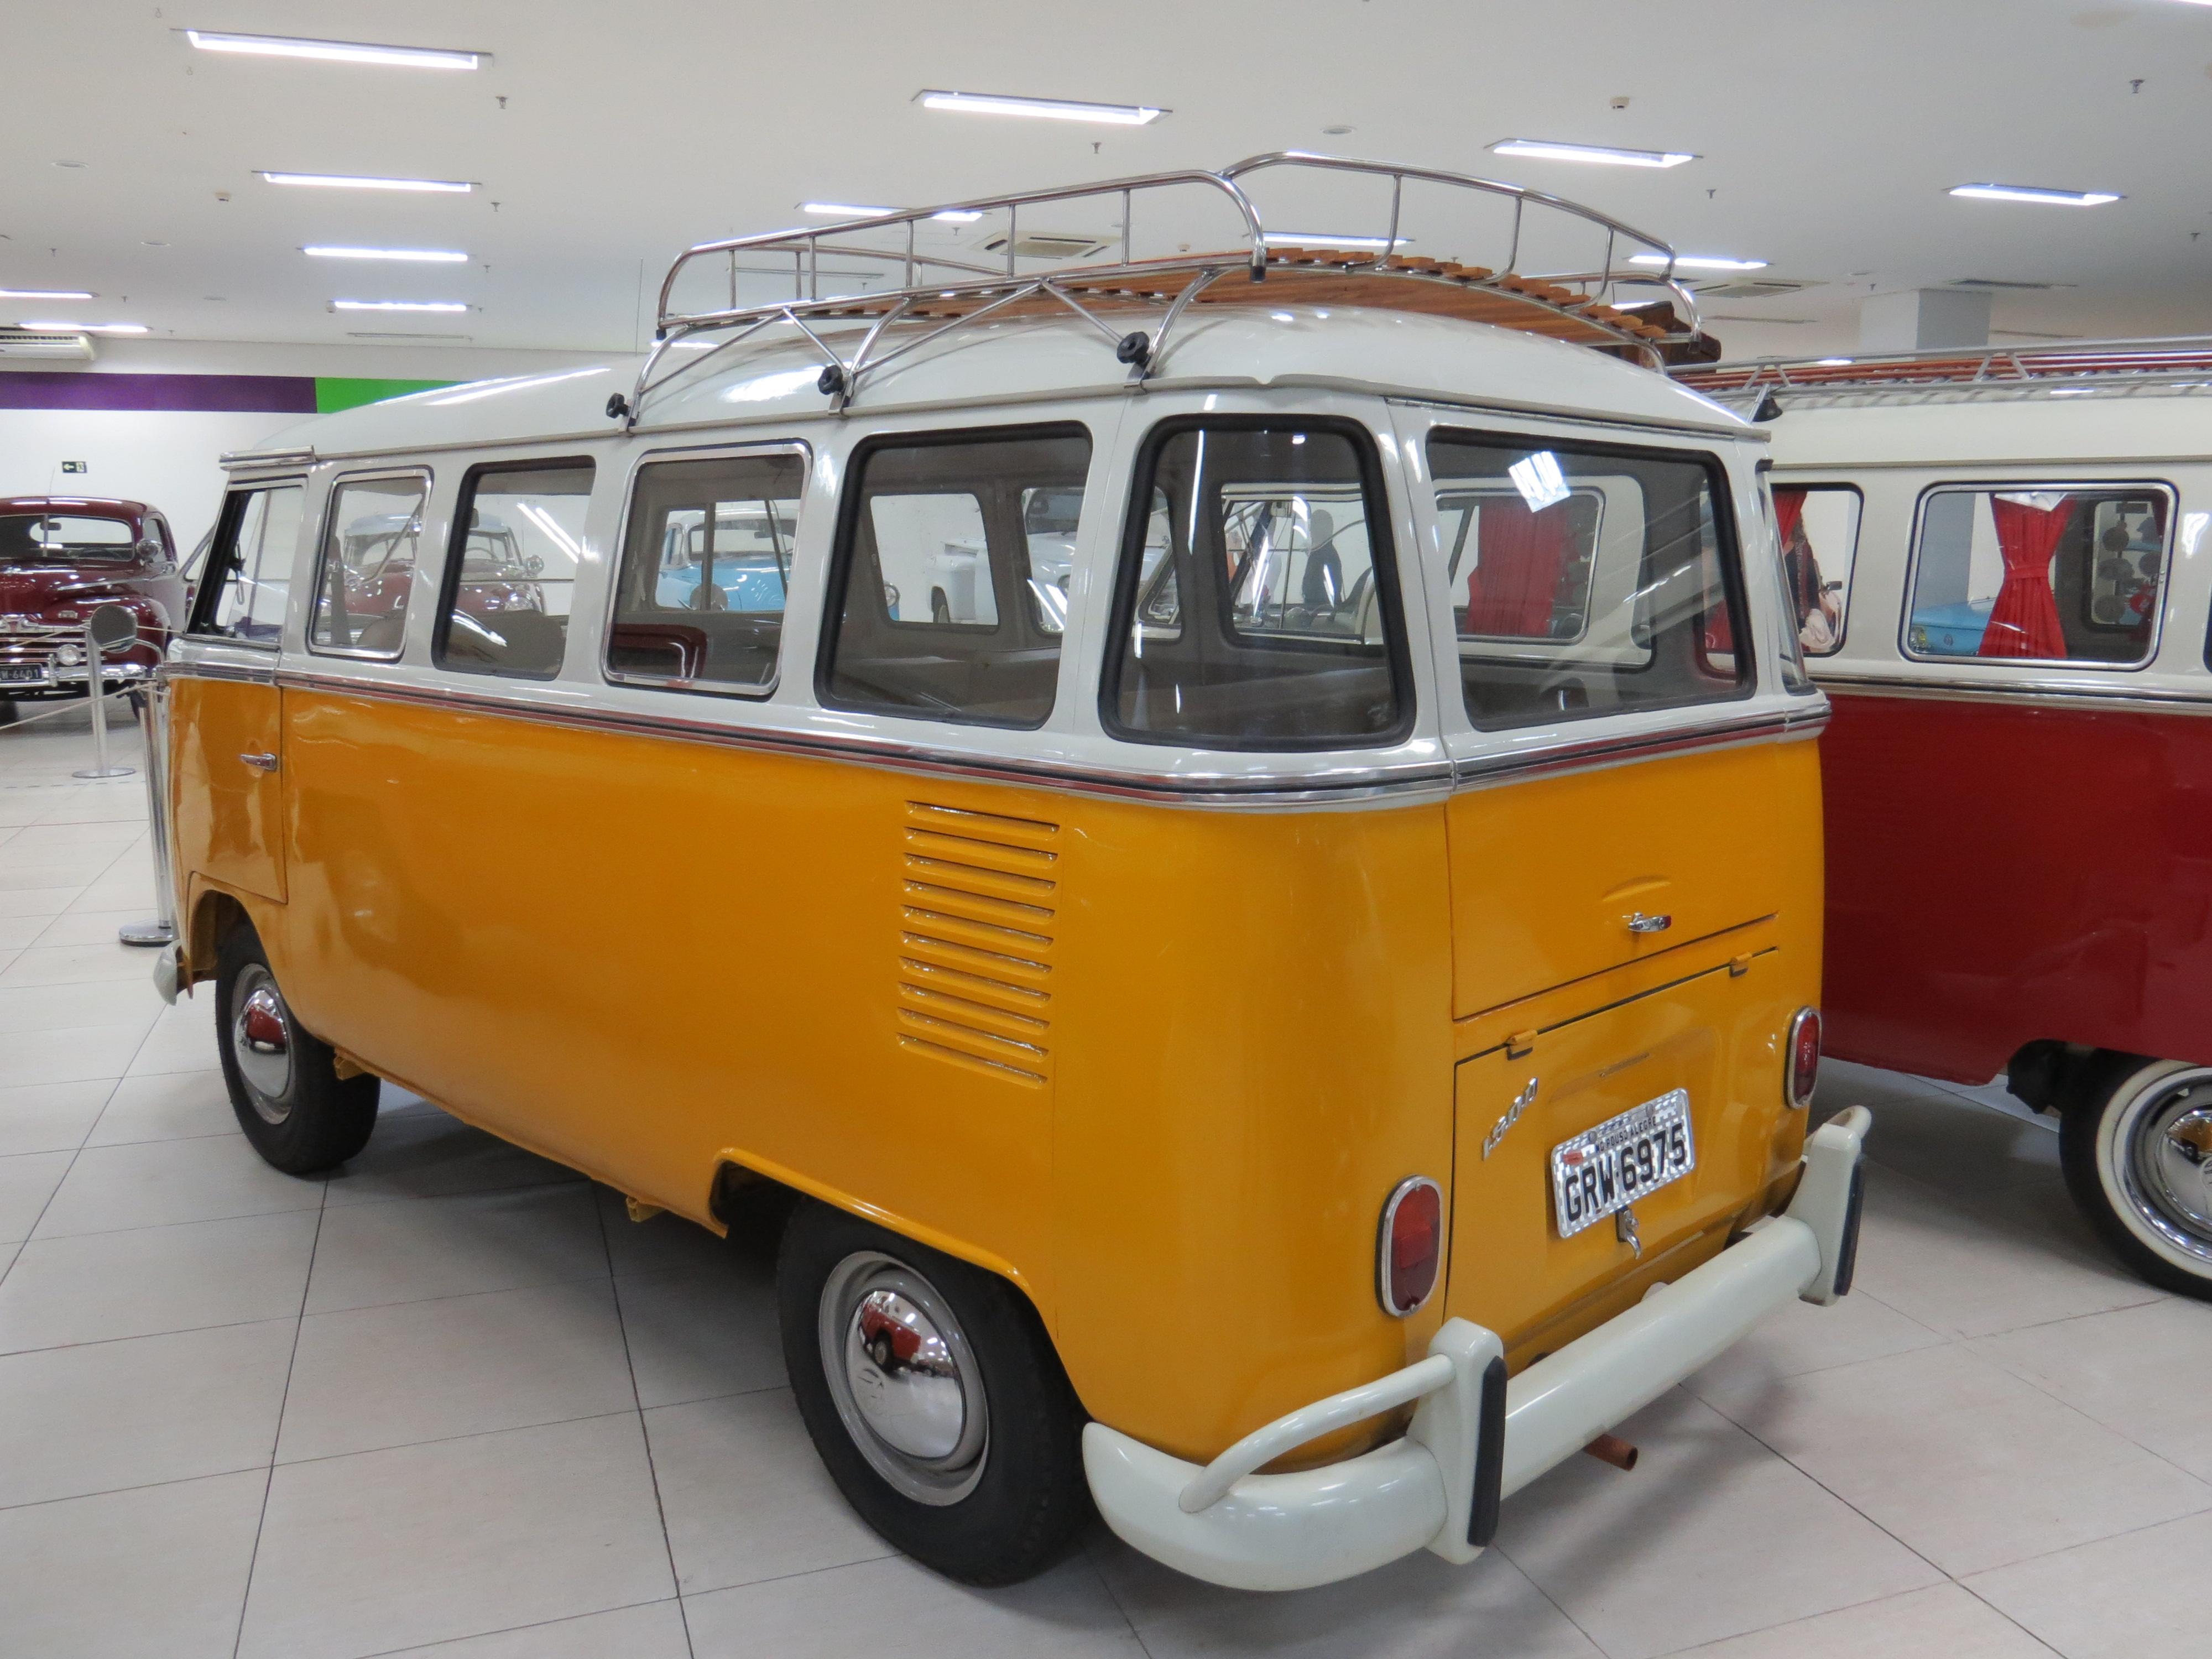 IMG 5750 - CLÁSSICOS SOBRE RODAS